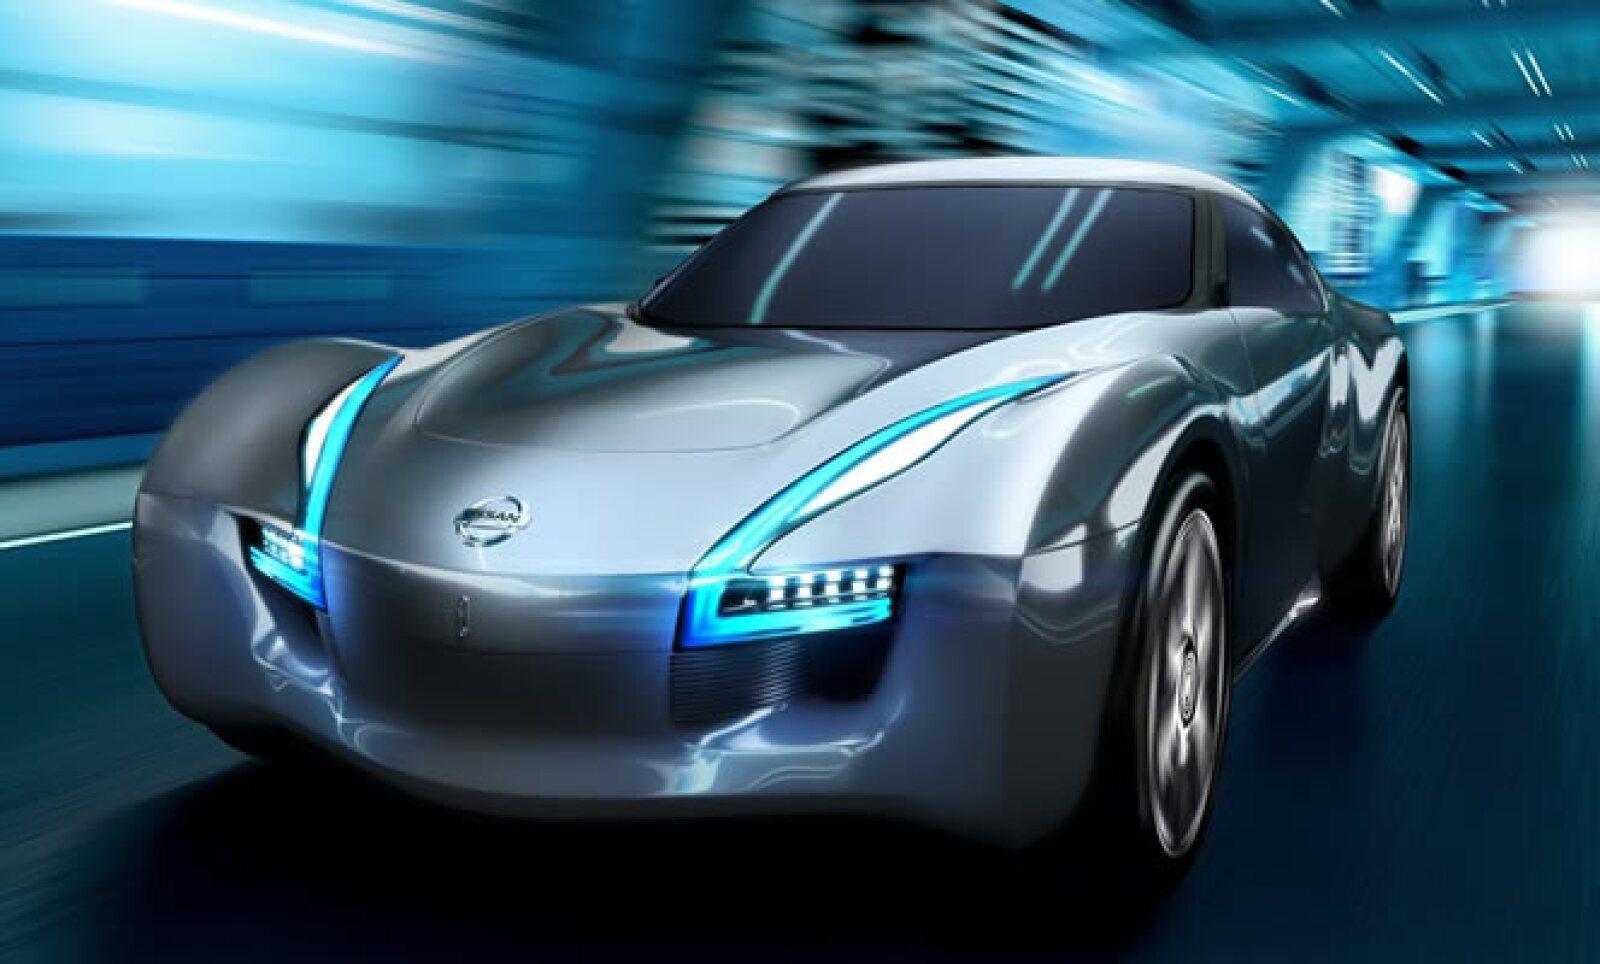 La automotriz japonesa presentó dos modelos en el AutoShow de Chicago: el primero, un concepto ecológico, que utiliza parte de la tecnología del Nissan Leaf, aunque con una carrocería más deportiva.